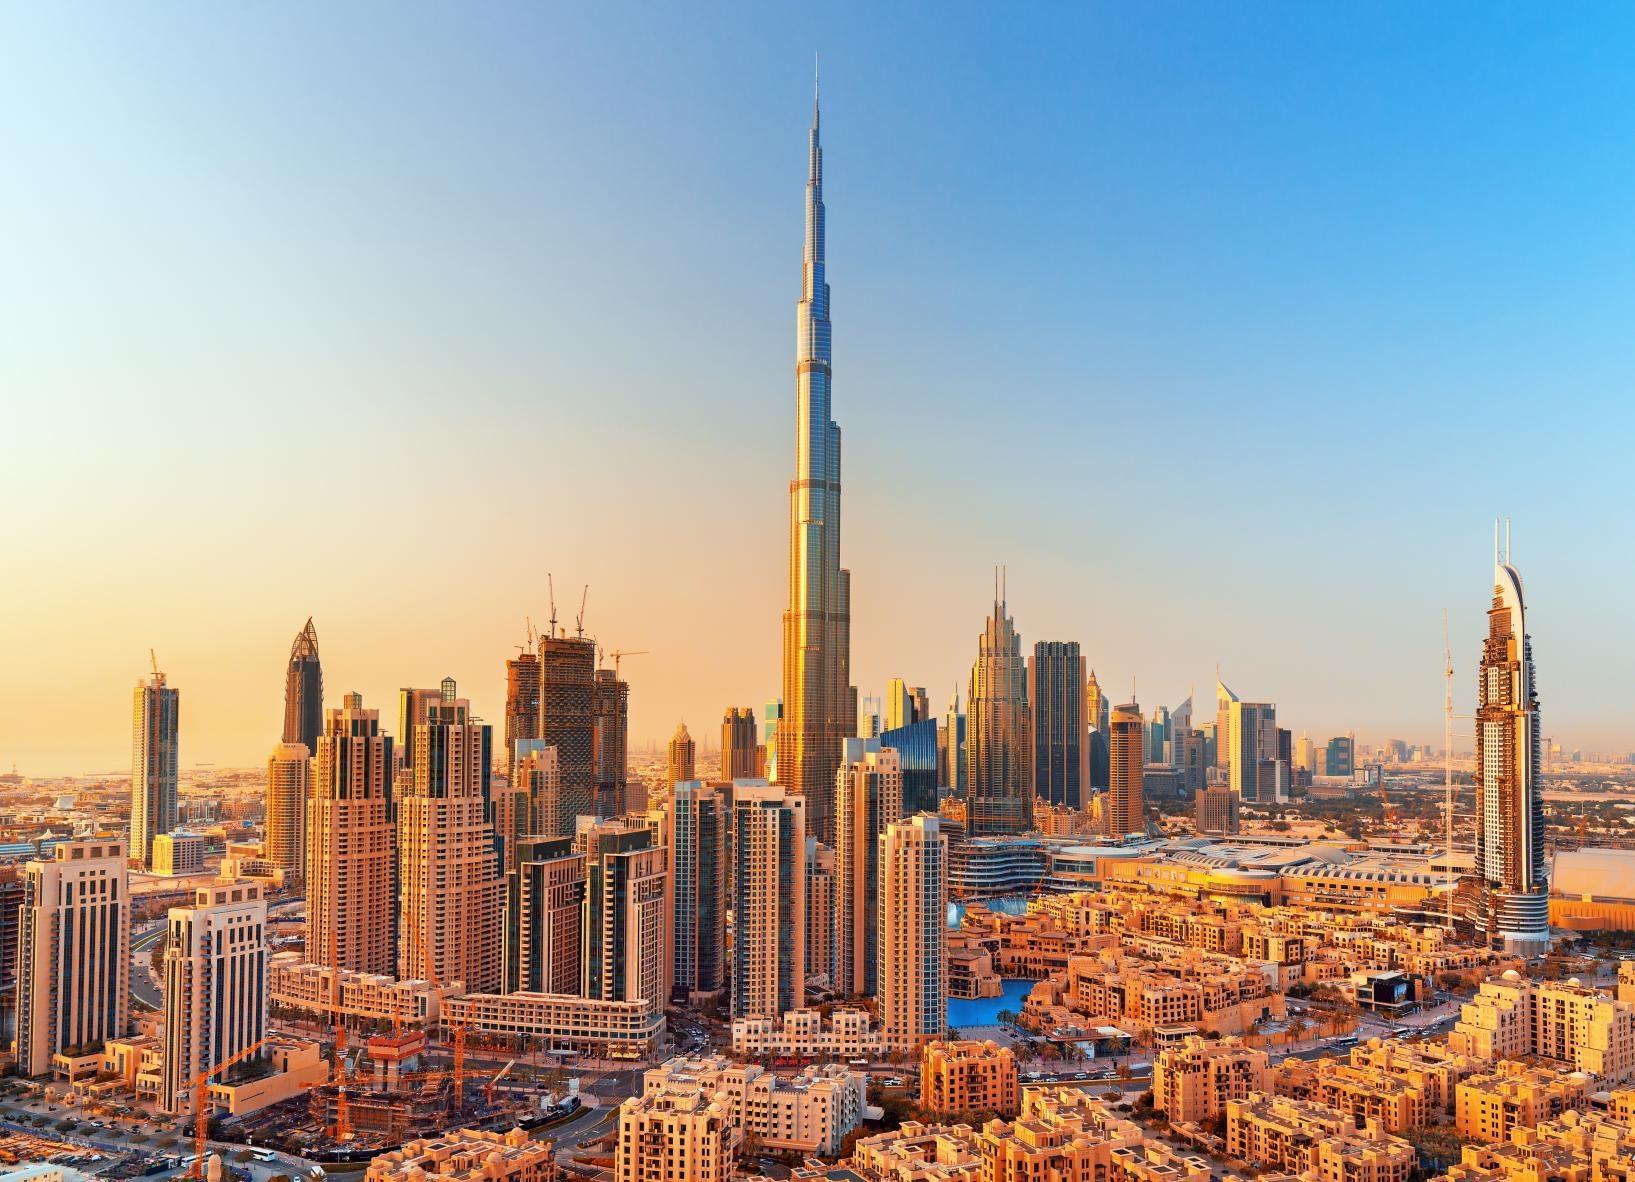 برنامج سياحي متكامل لمدة 4 أيام في دبي